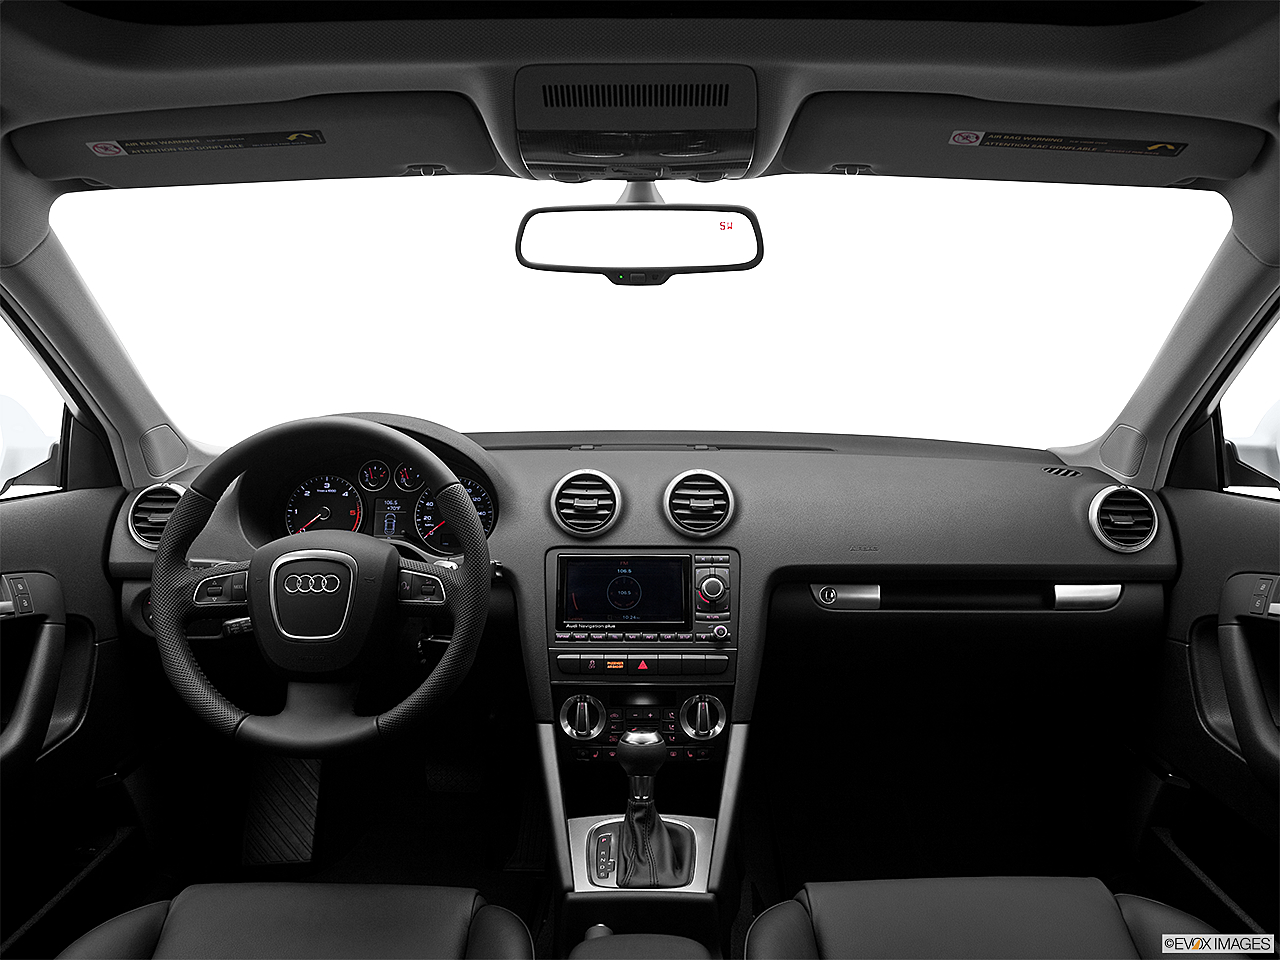 Kelebihan Audi A3 2.0 Tdi Perbandingan Harga